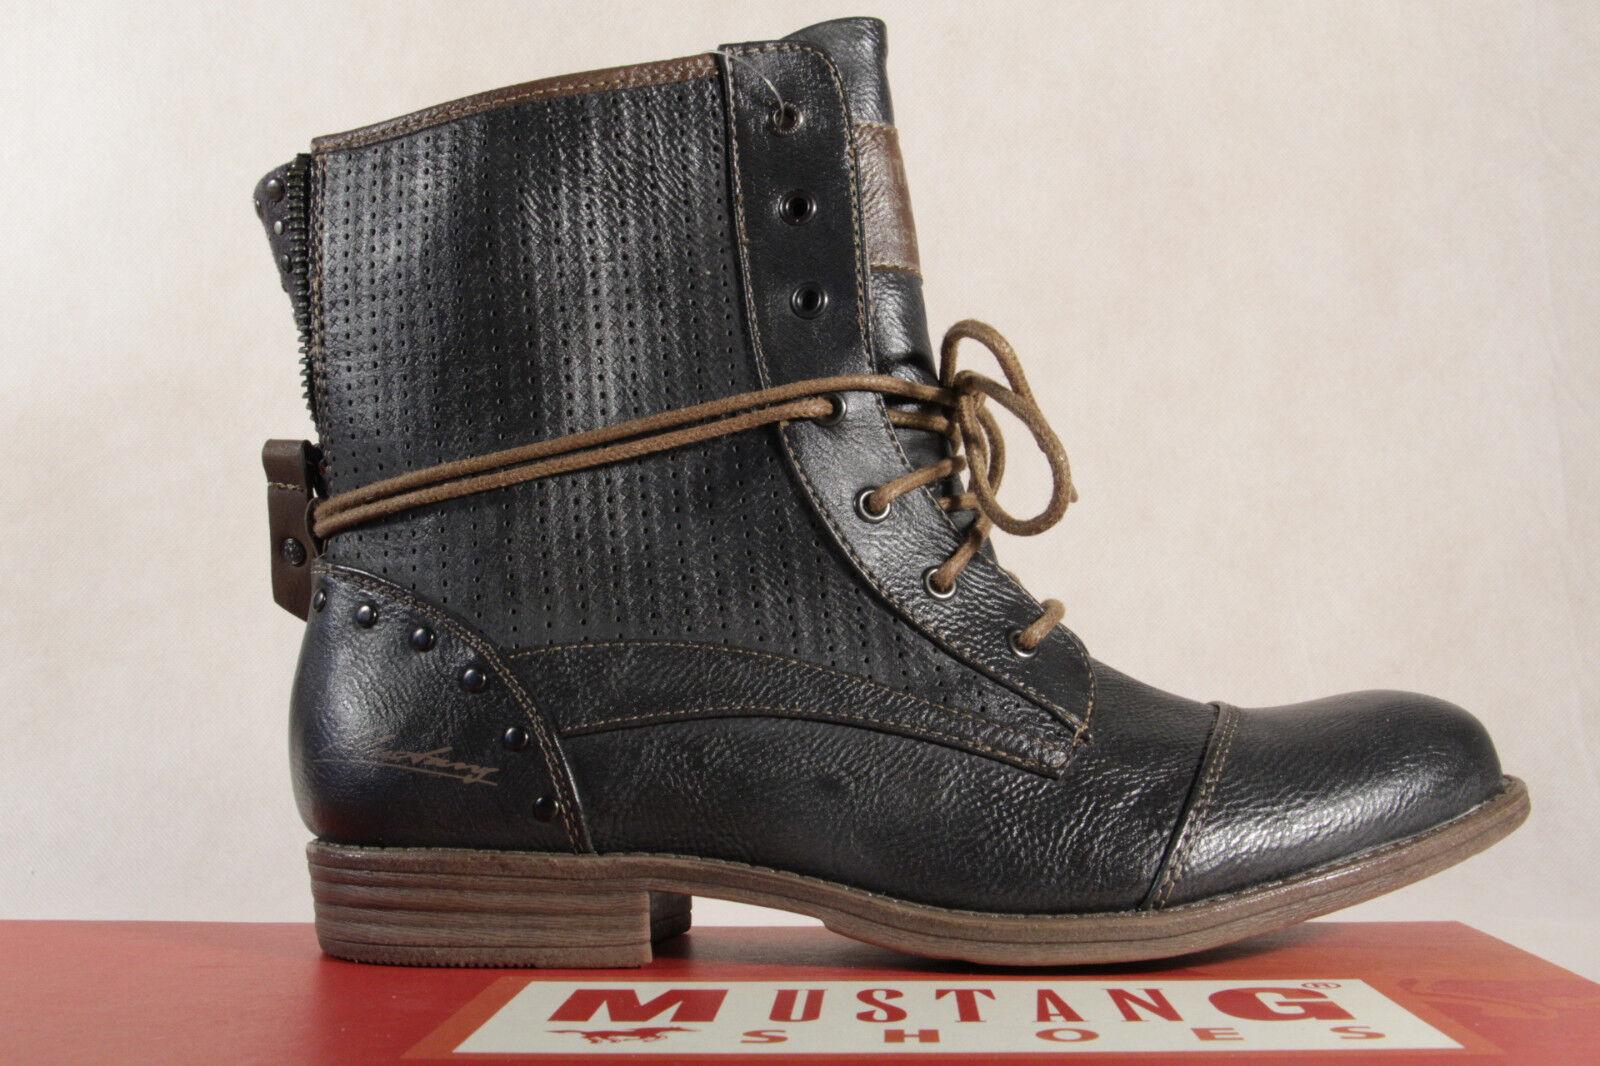 Mustang Botines botas botas Botines de Cordón botas Grafit Nuevo a8623d